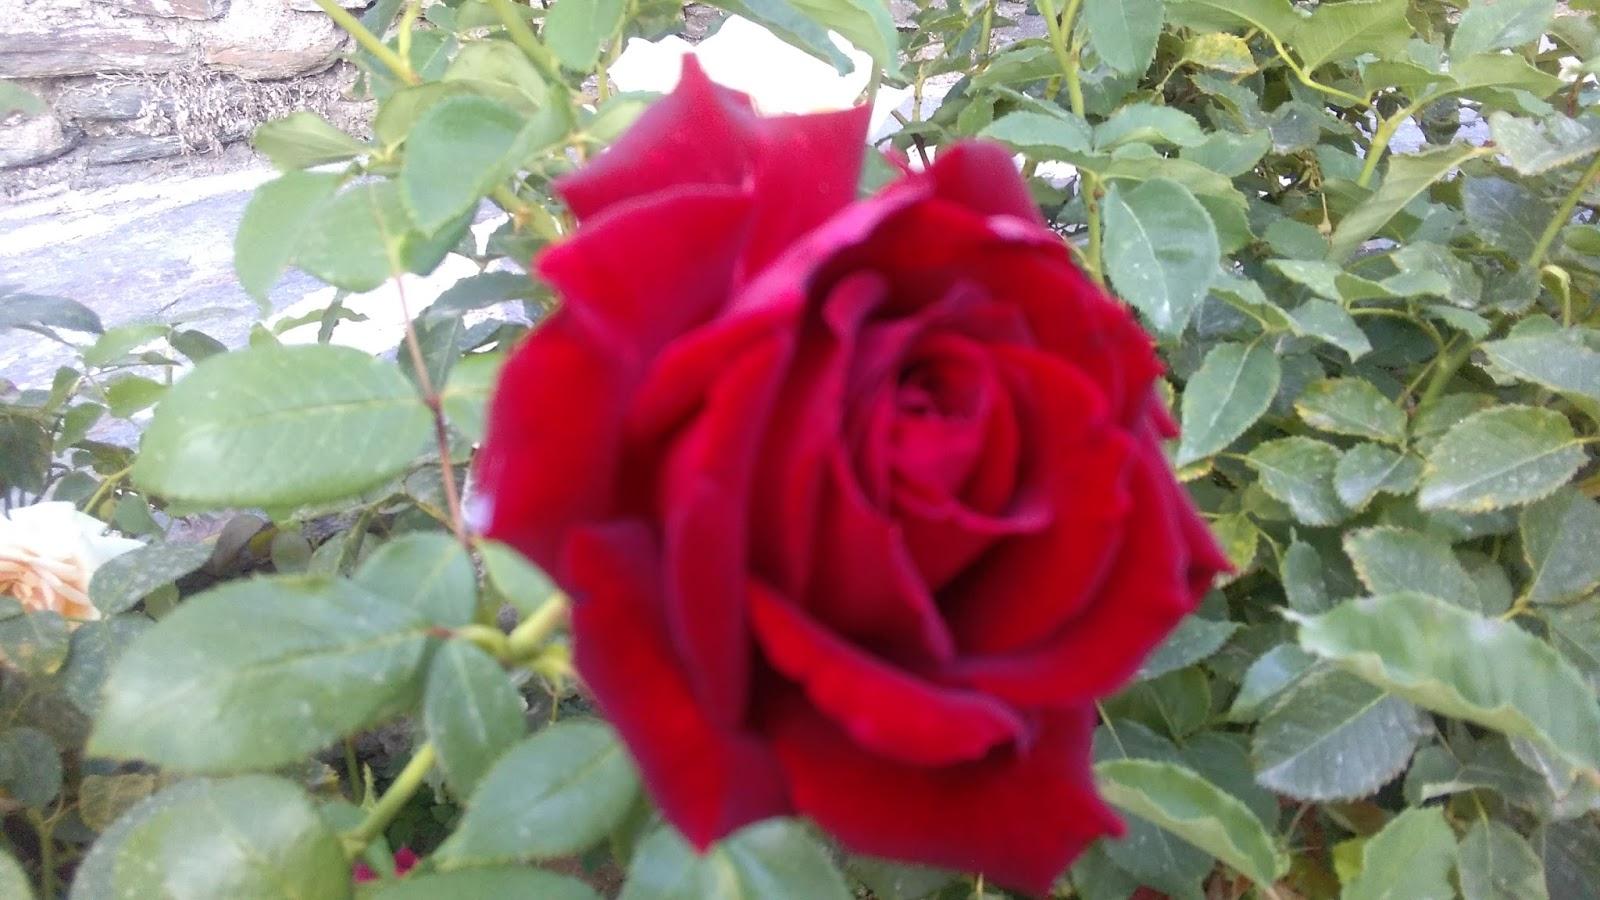 Blog de dorisalon los rosales de mi prima conso - Rosales trepadores perfumados ...